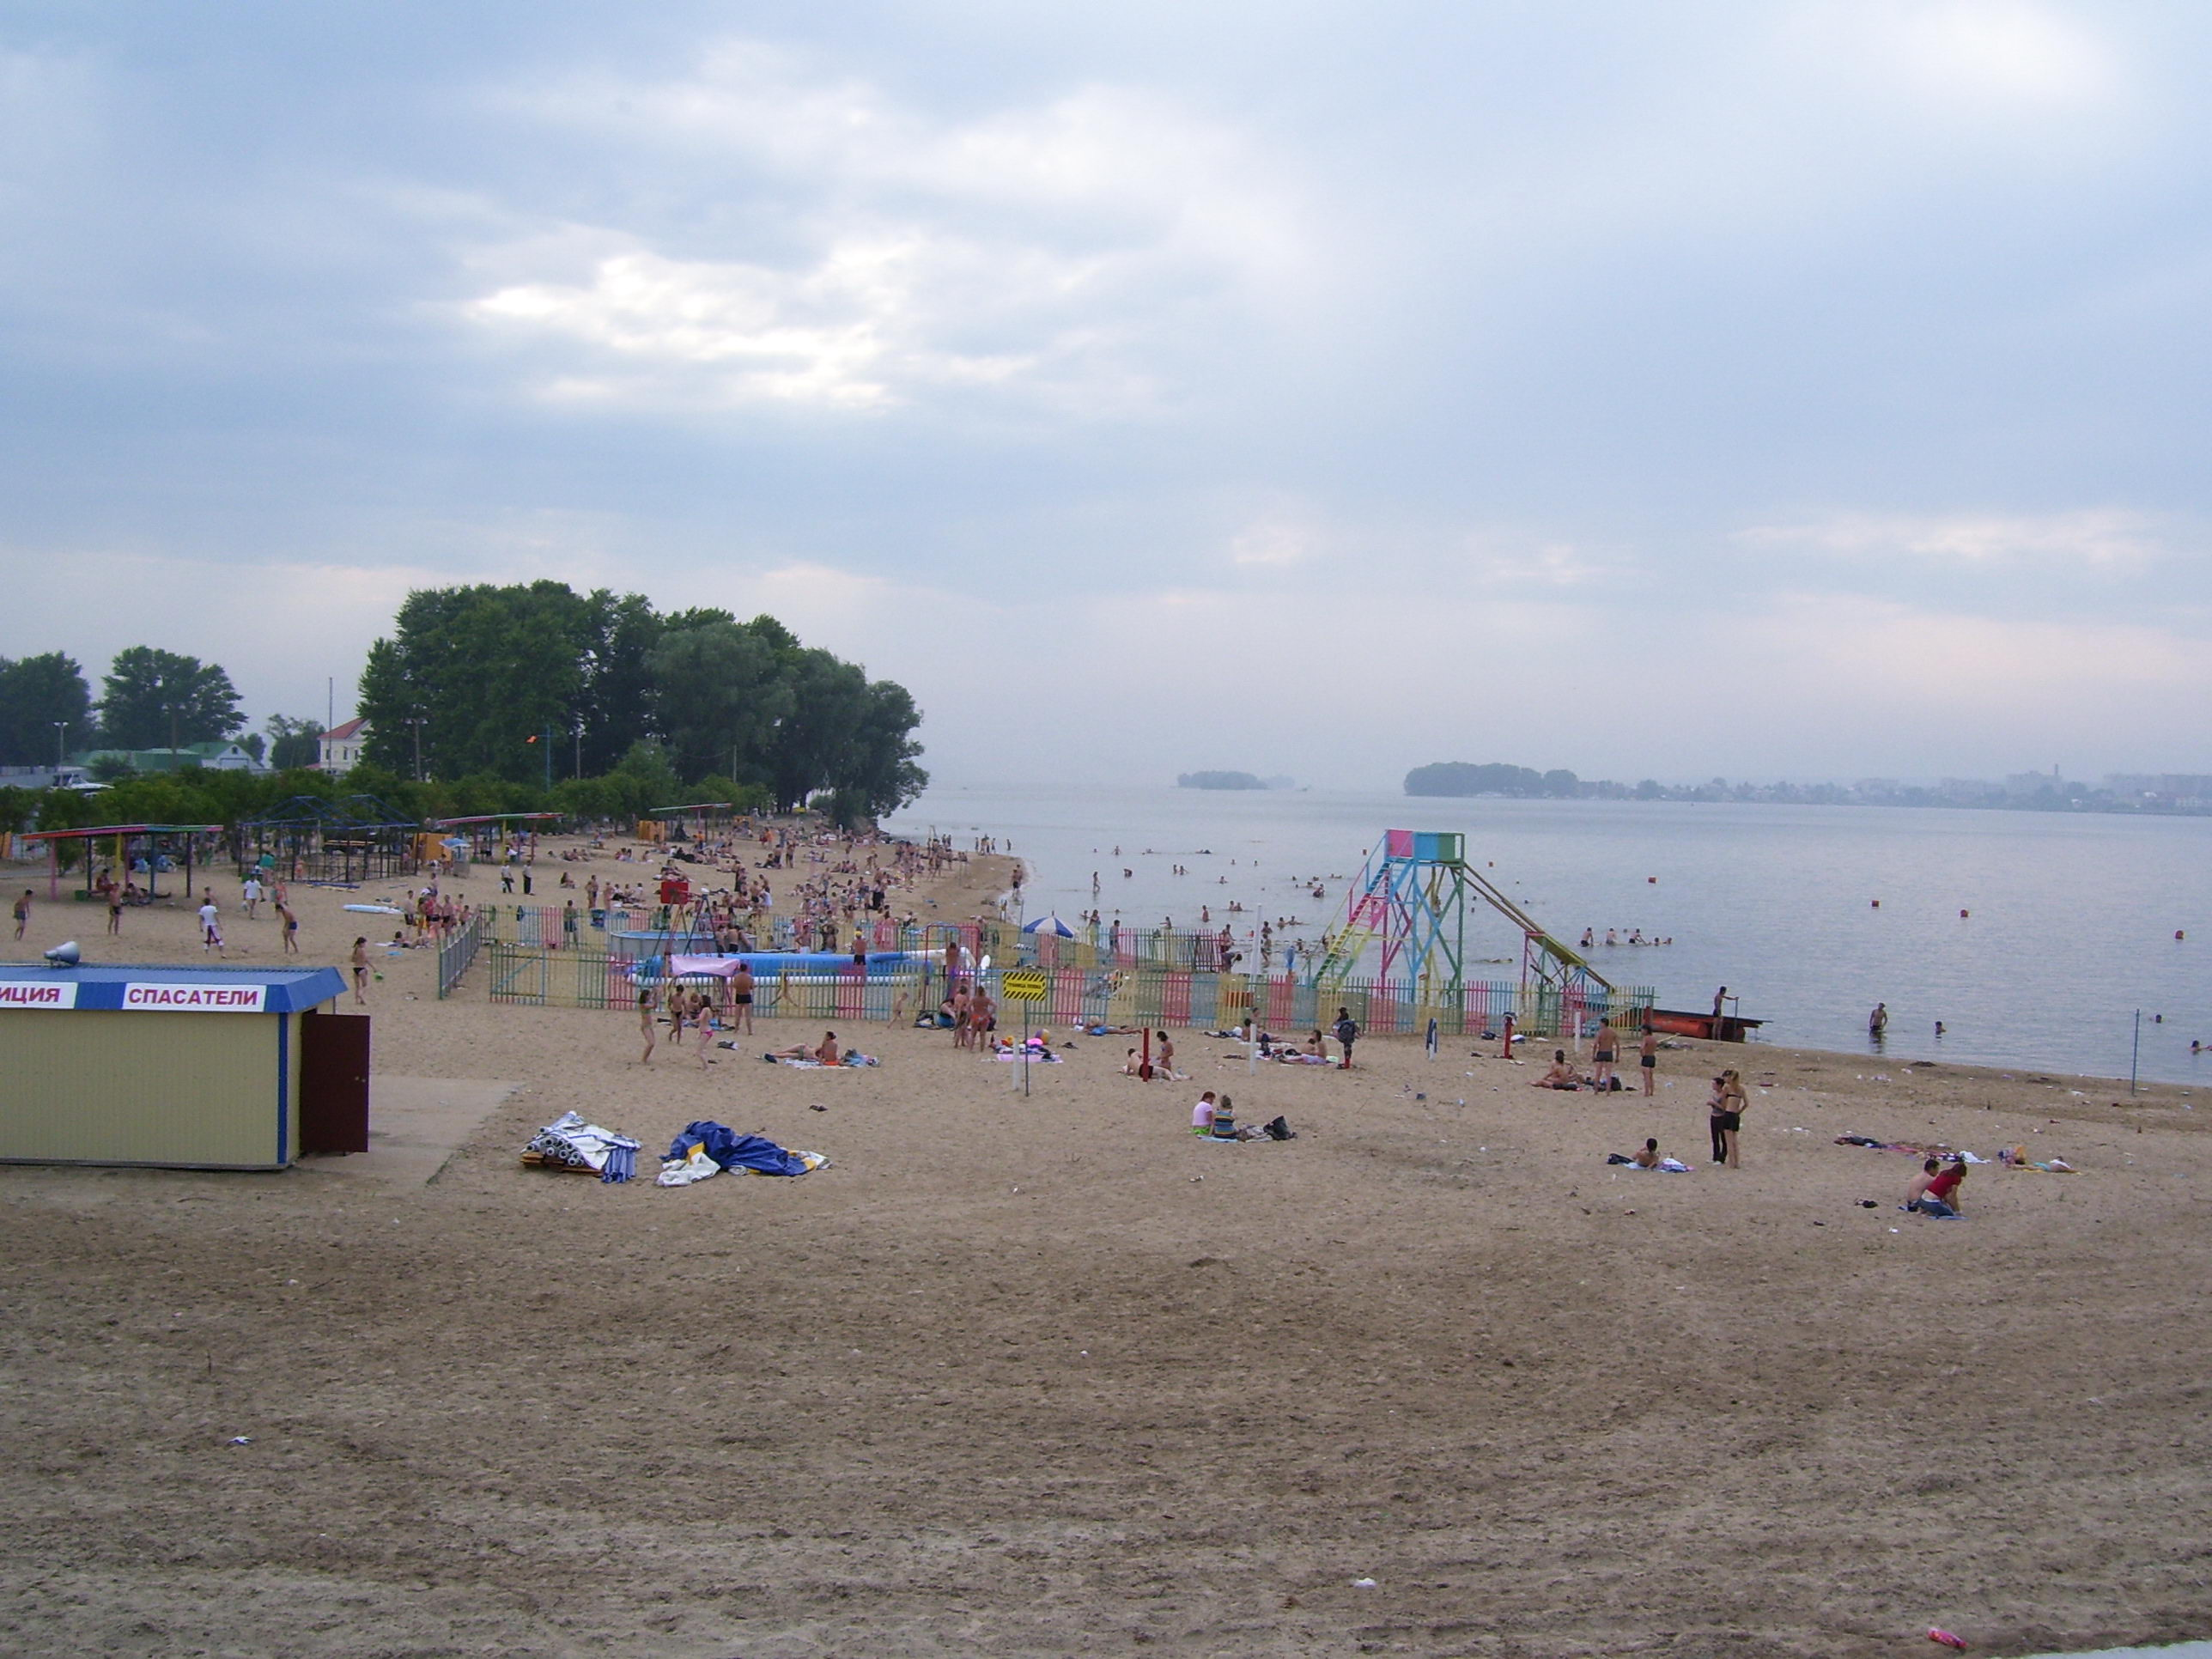 У берега Локомотив вКазани разрешили построить вертолетную площадку илодочную станцию